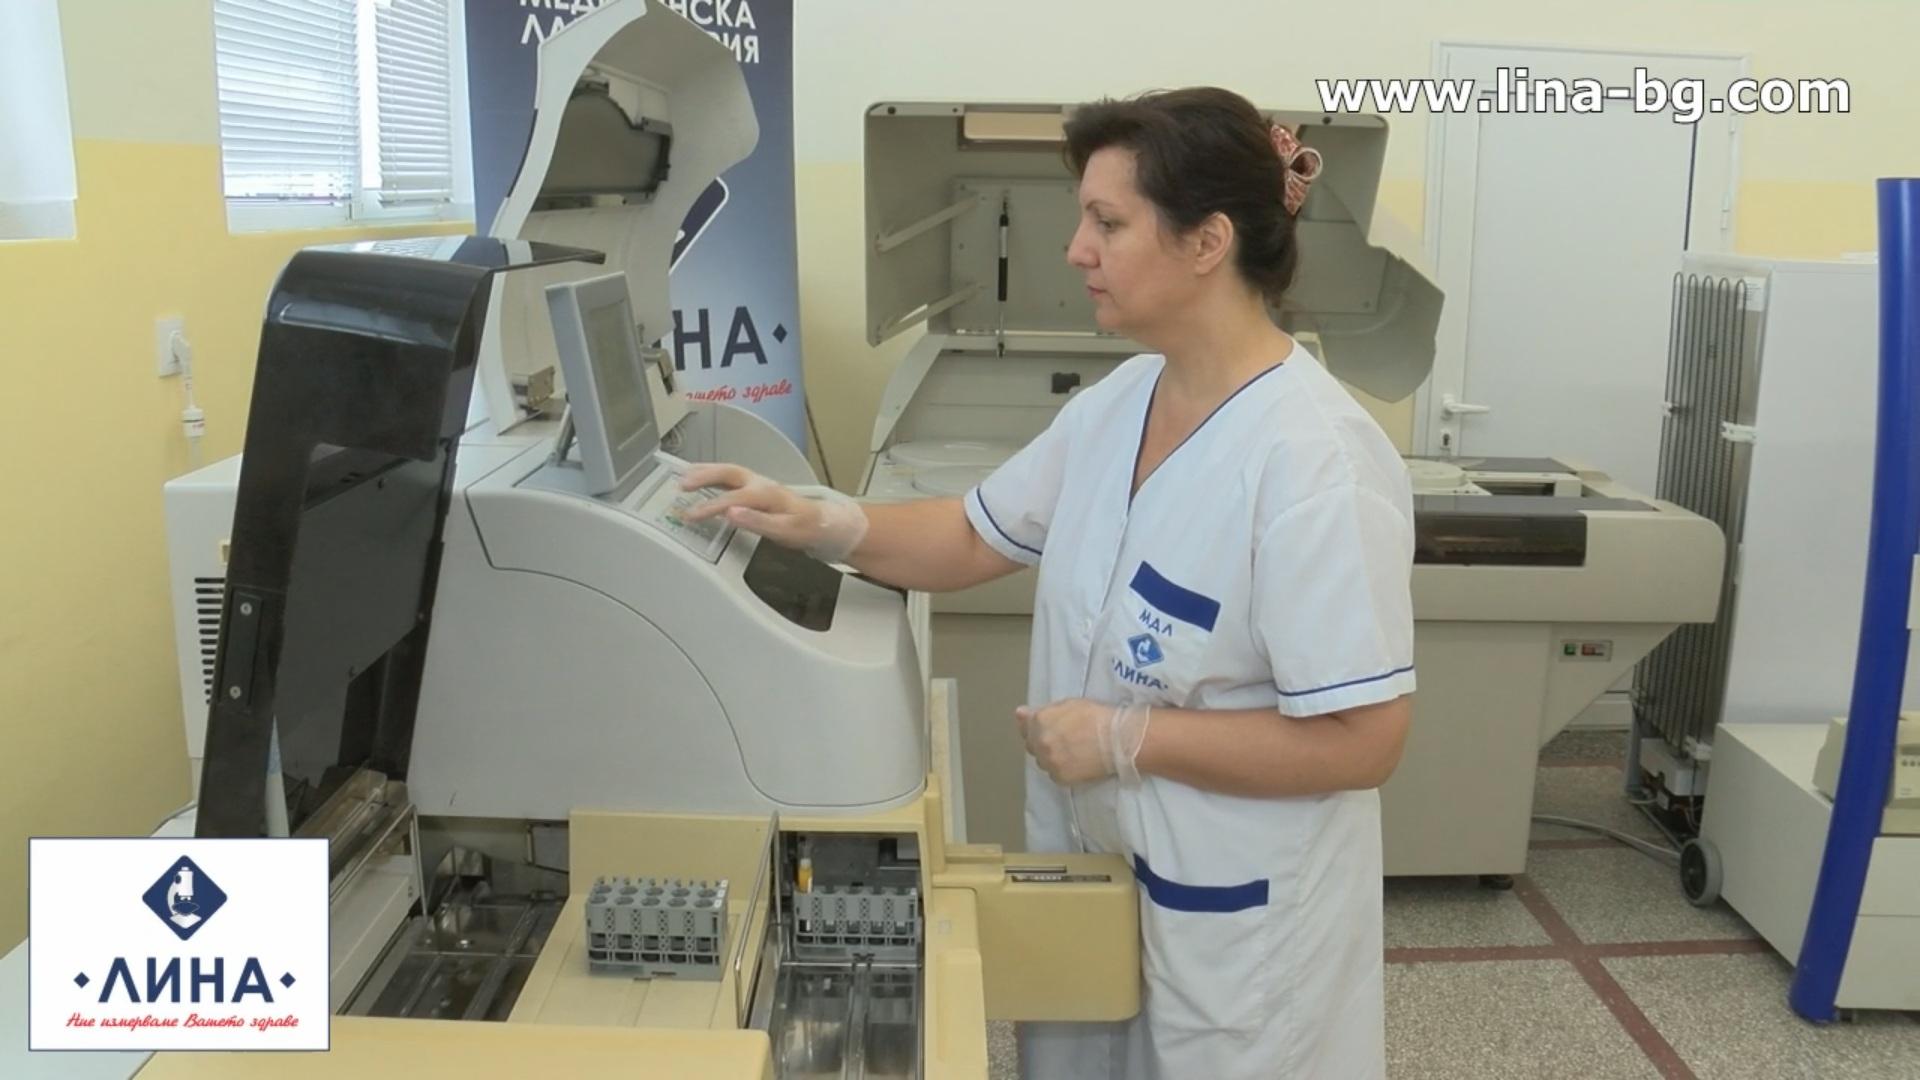 """Профилактичните кампании на медицинска лаборатория """"ЛИНА"""" важат и в област Ямбол"""